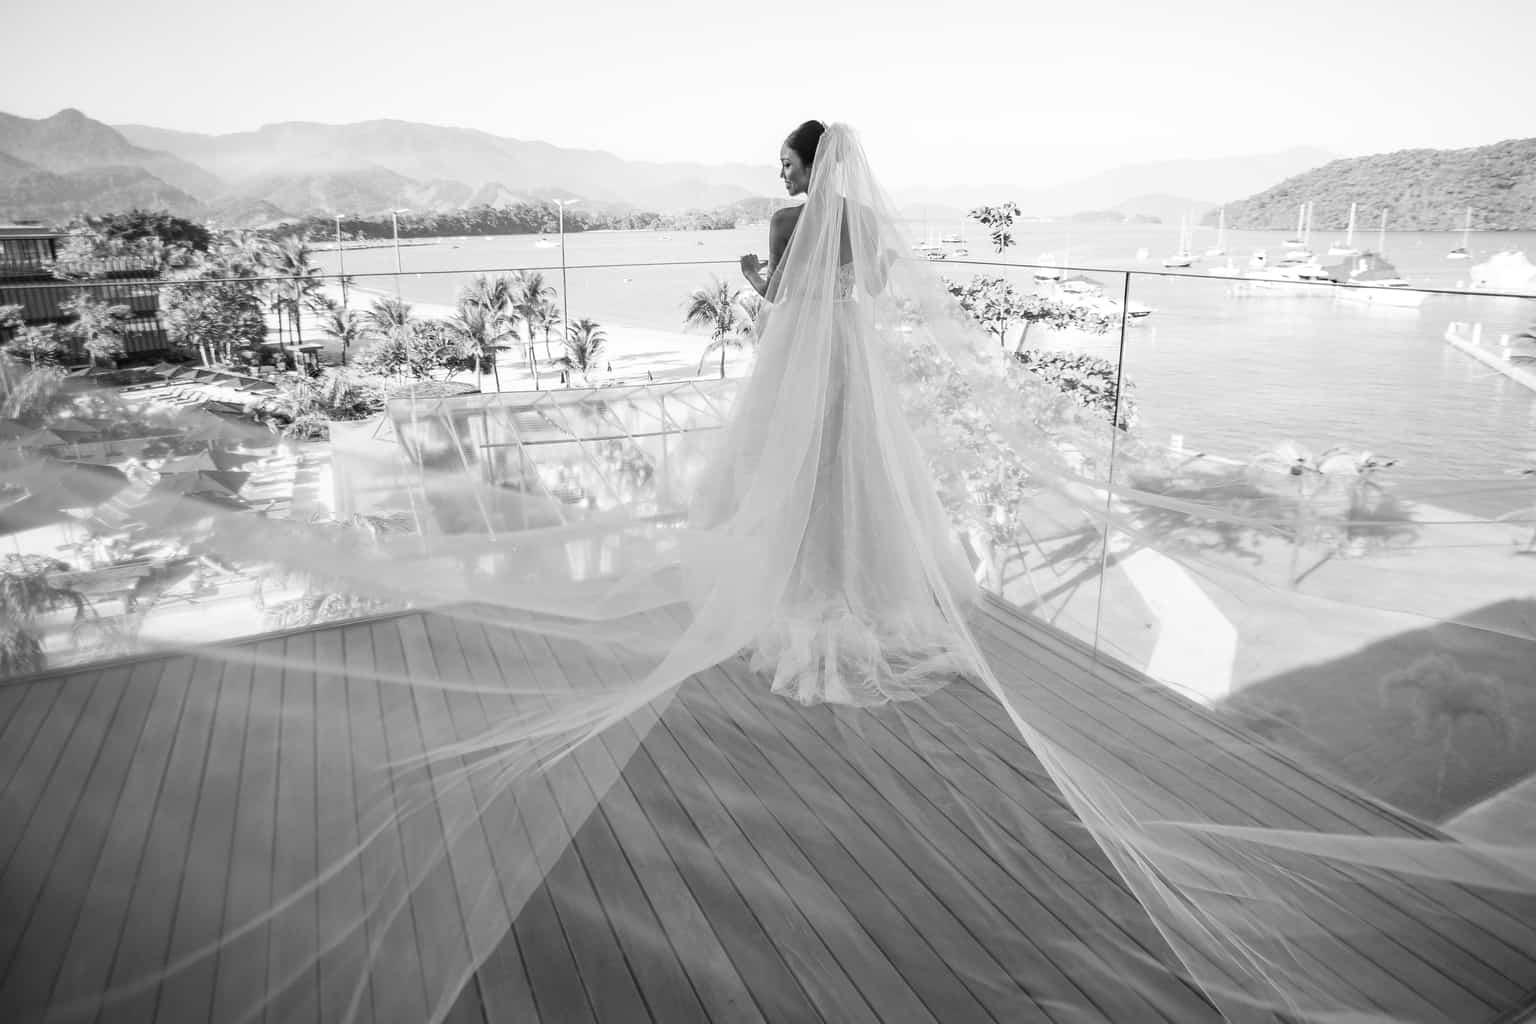 Casamento-Alissa-e-Gustavo-Cerimonial-Manu-Goncalez-Decor-Andrea-Kapps-Fasano-Angra-dos-Reis-Foto-VRebel-G-Junior-Making-of2049